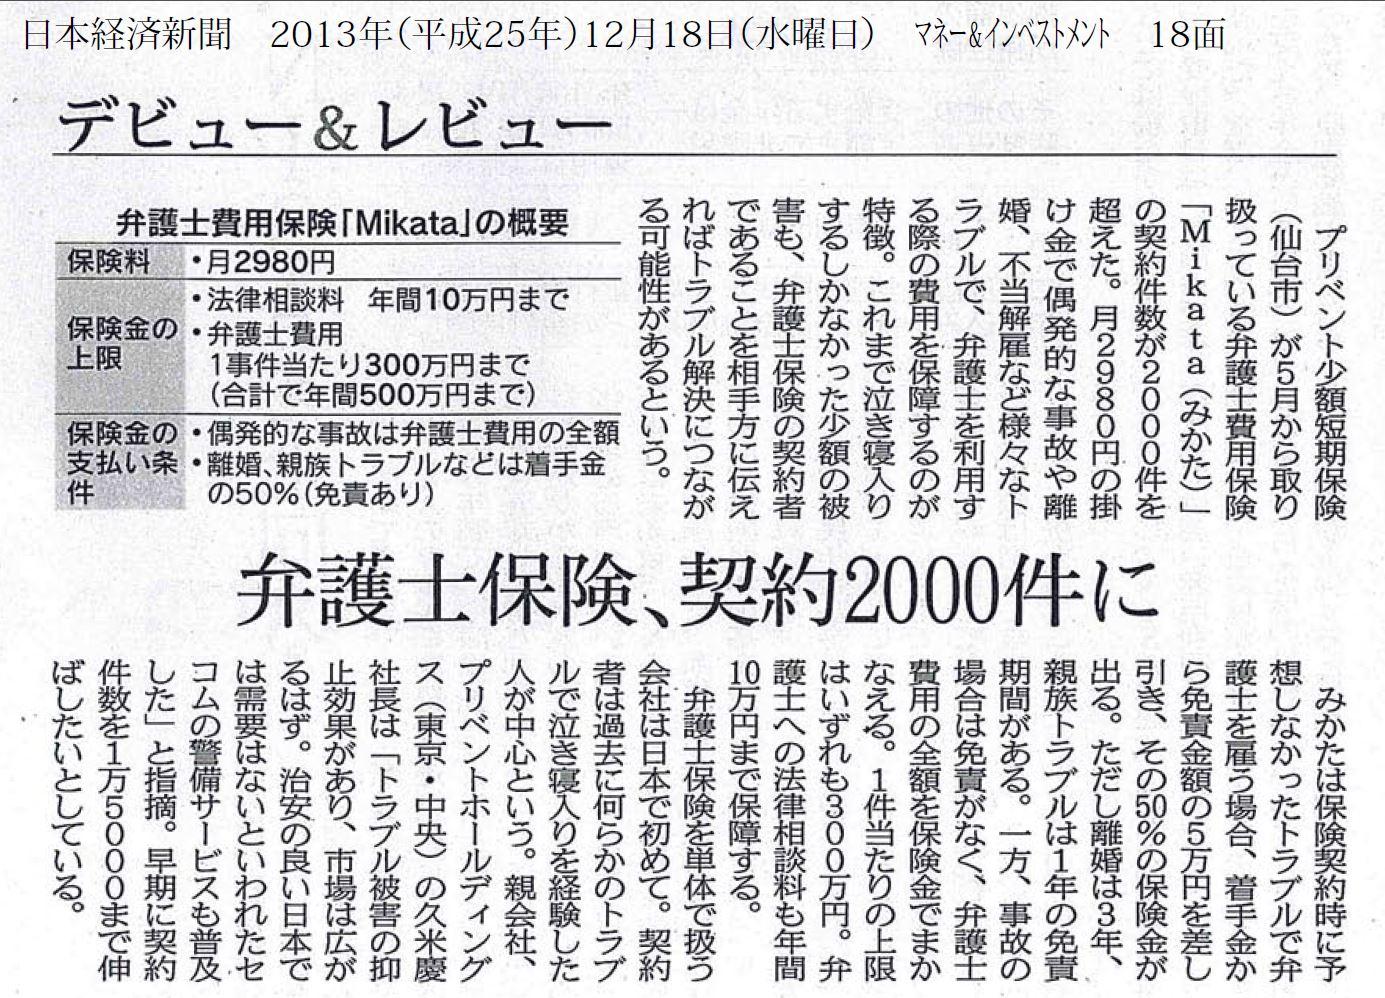 2013年12月18日日経新聞朝刊